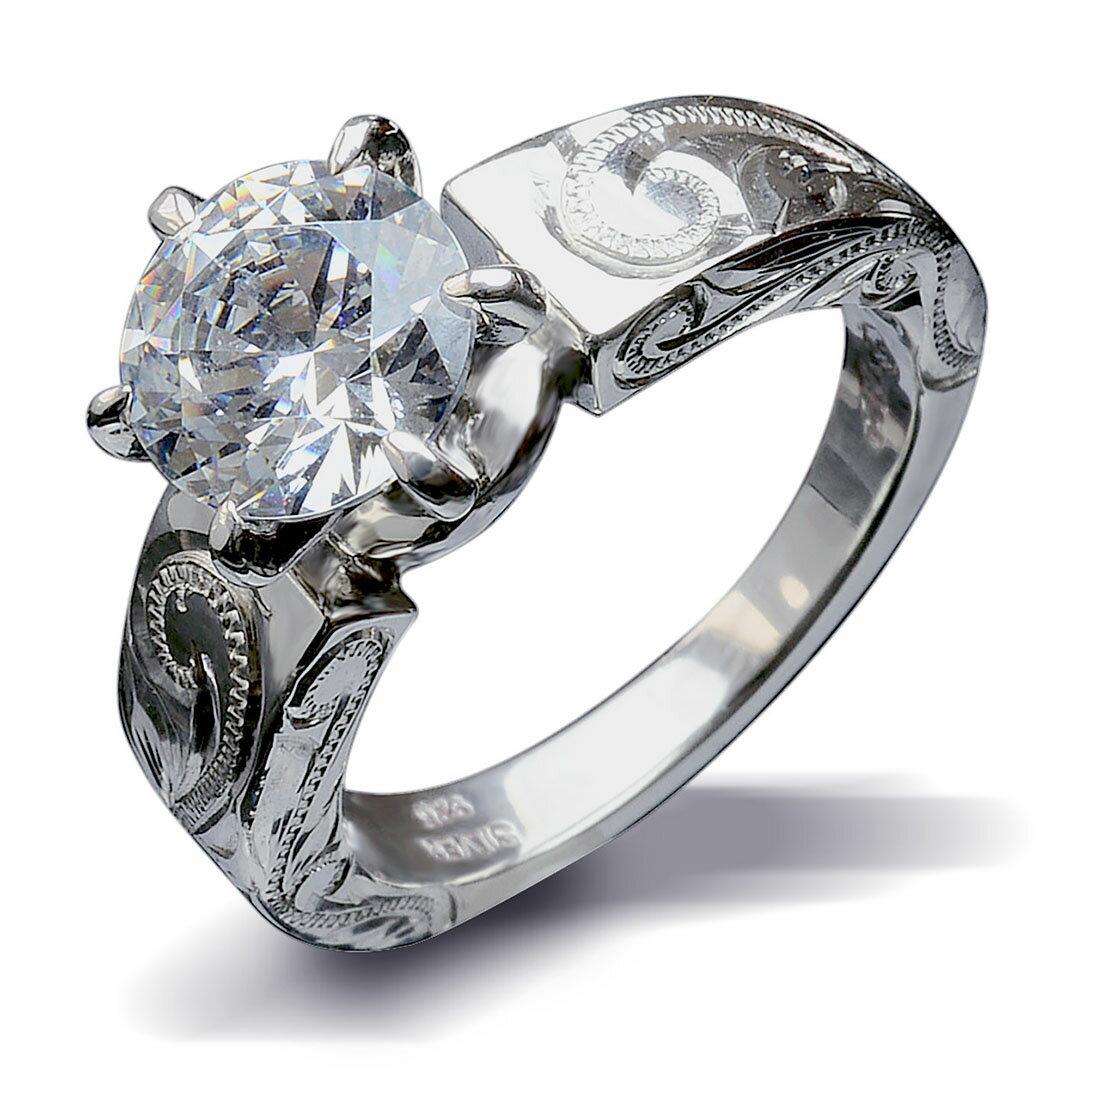 一粒 スワロフスキー リング 指輪 ハワイアンジュエリー アクセサリー レディース 女性 グラマラスな輝き ひと粒 スワロフスキーCZダイヤ(キュービック ジルコニア ) プリンセス シルバーリング ari1052 プレゼント ギフト